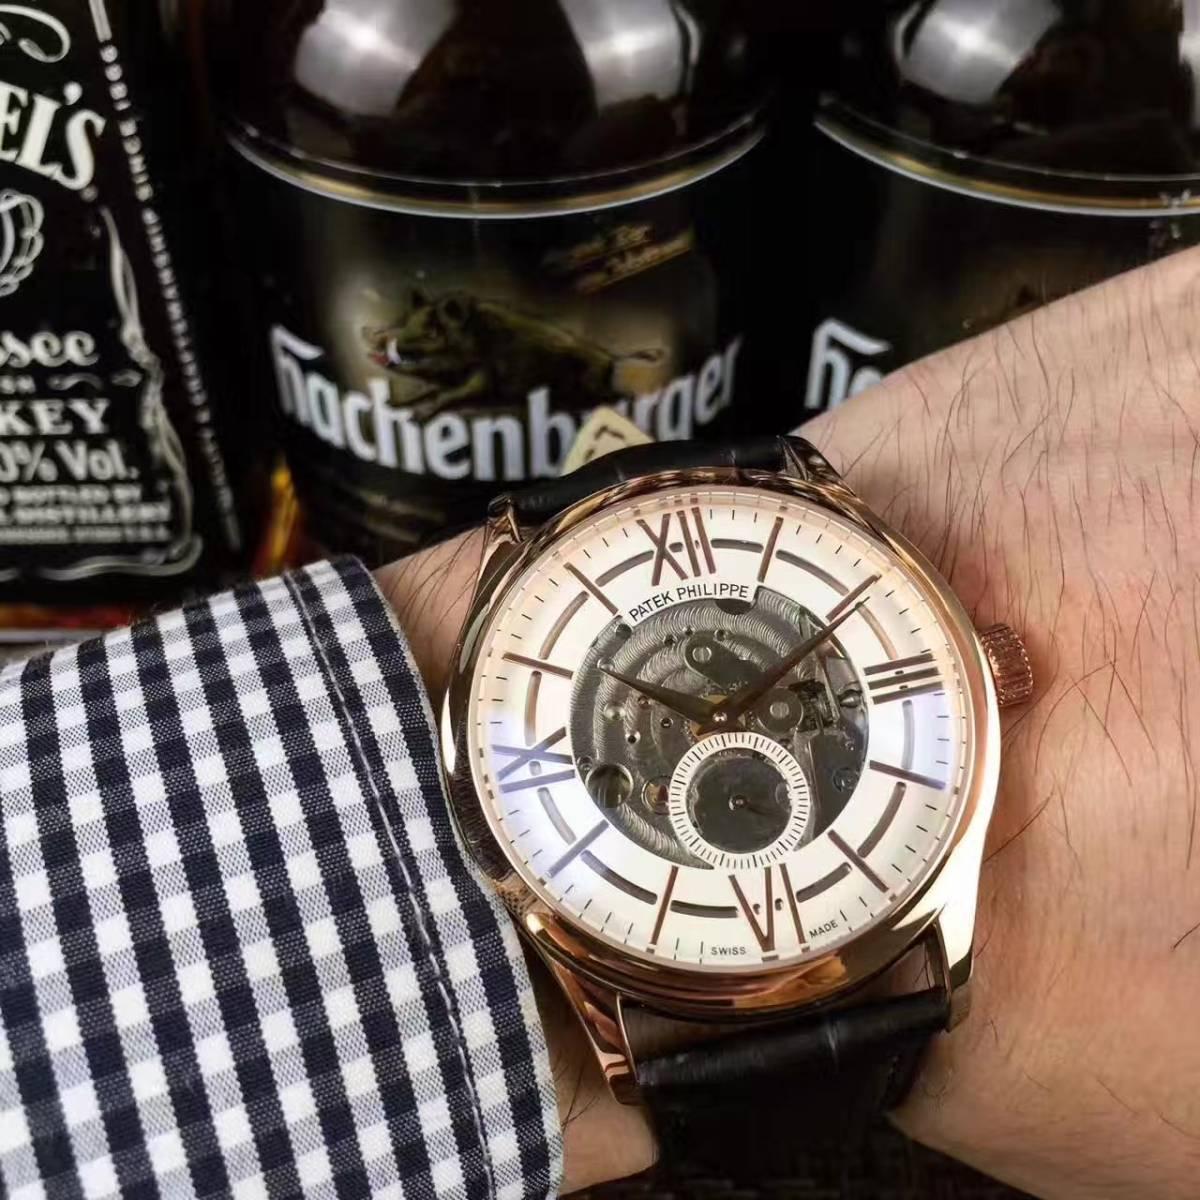 新品 パテックフィリップ 男性用腕時計 メンズ Patek Philippe 自動巻き ステンレス